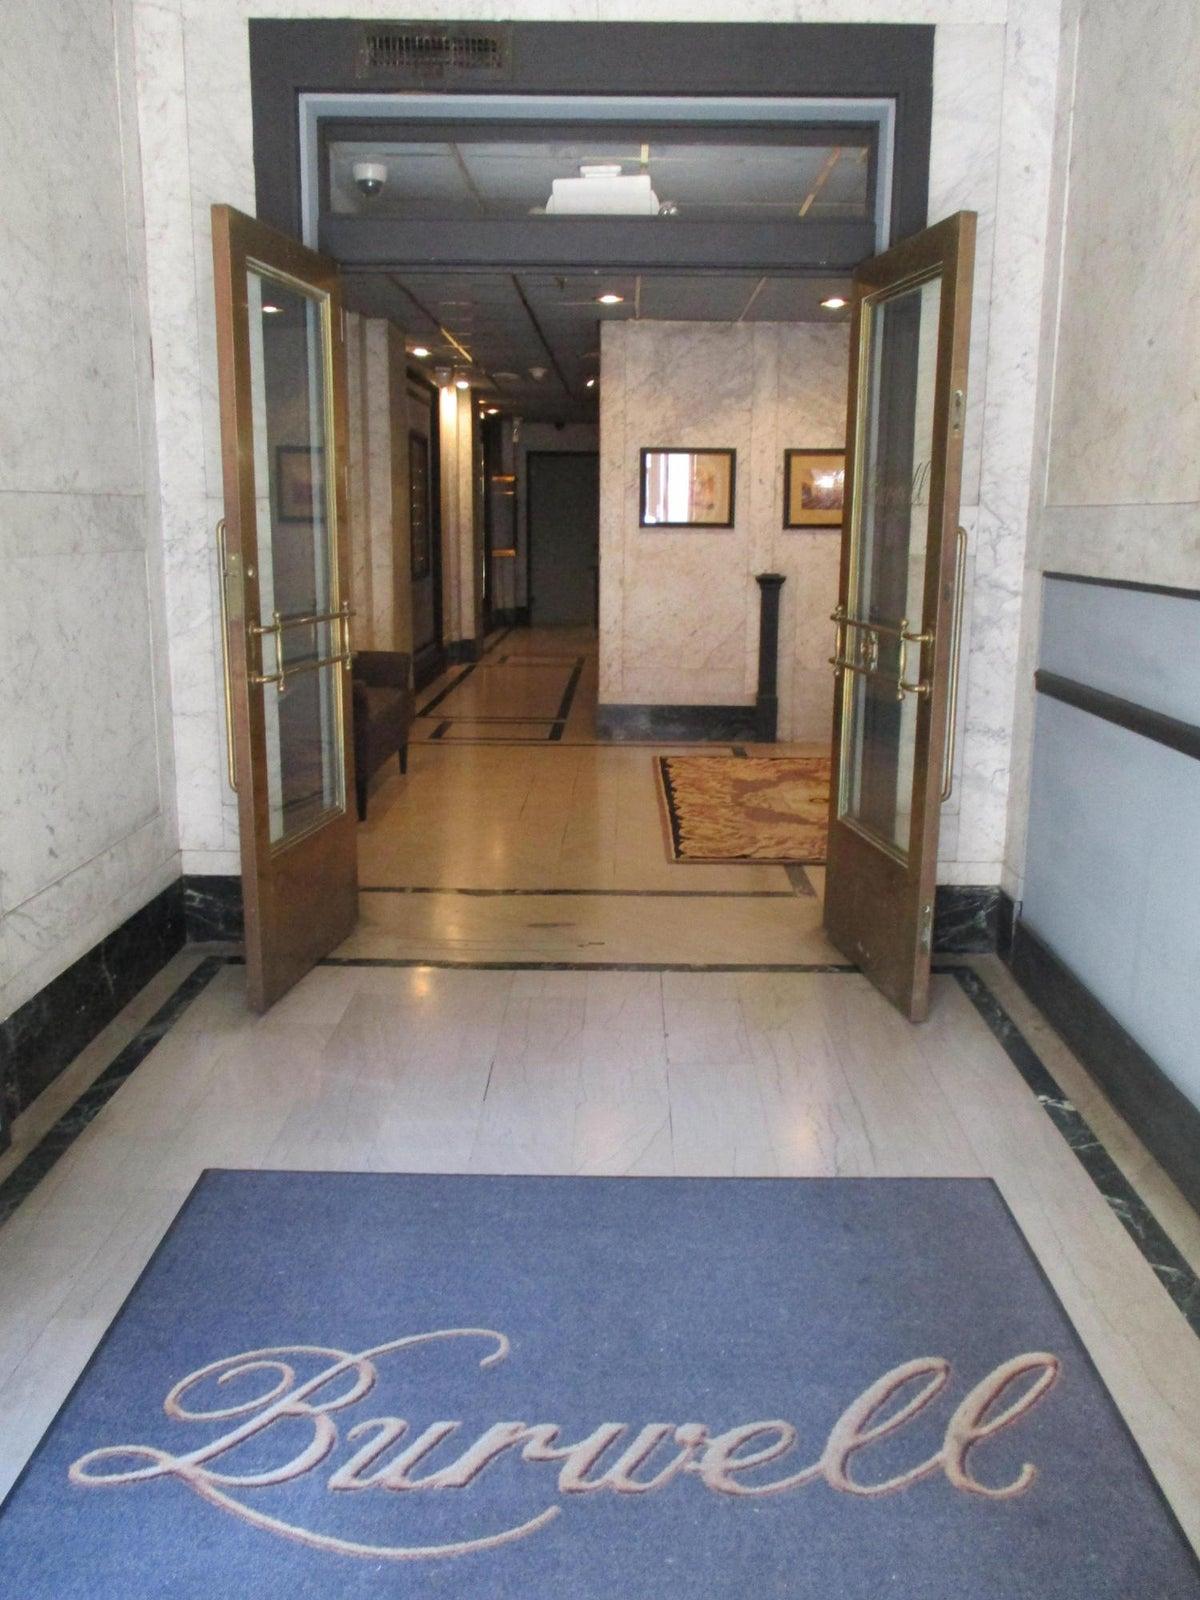 Burwell Lobby